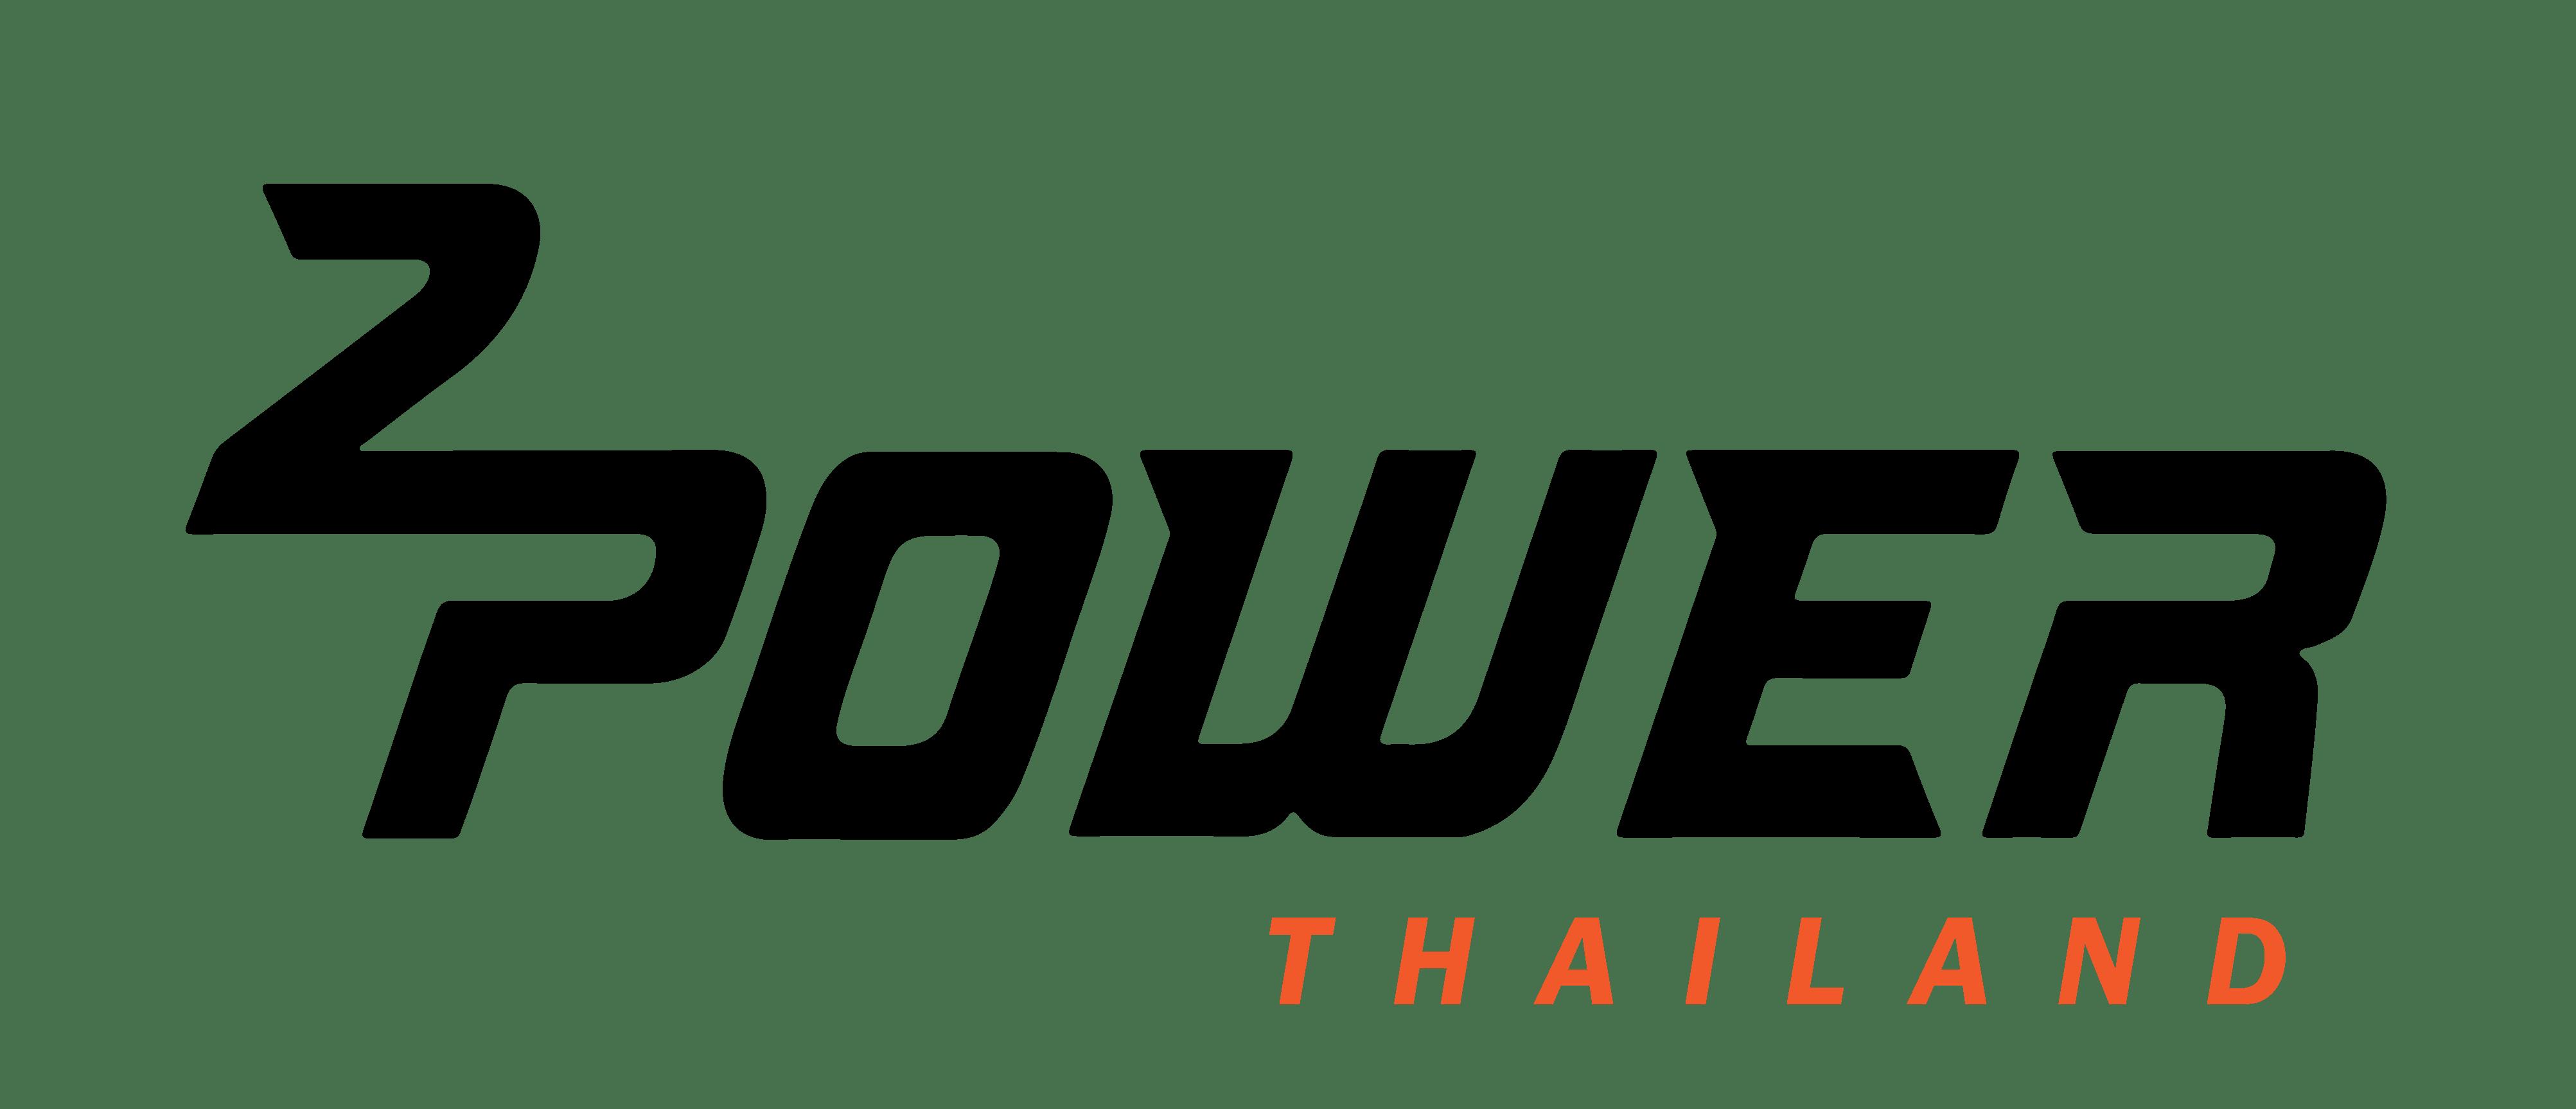 2powerthailand.com